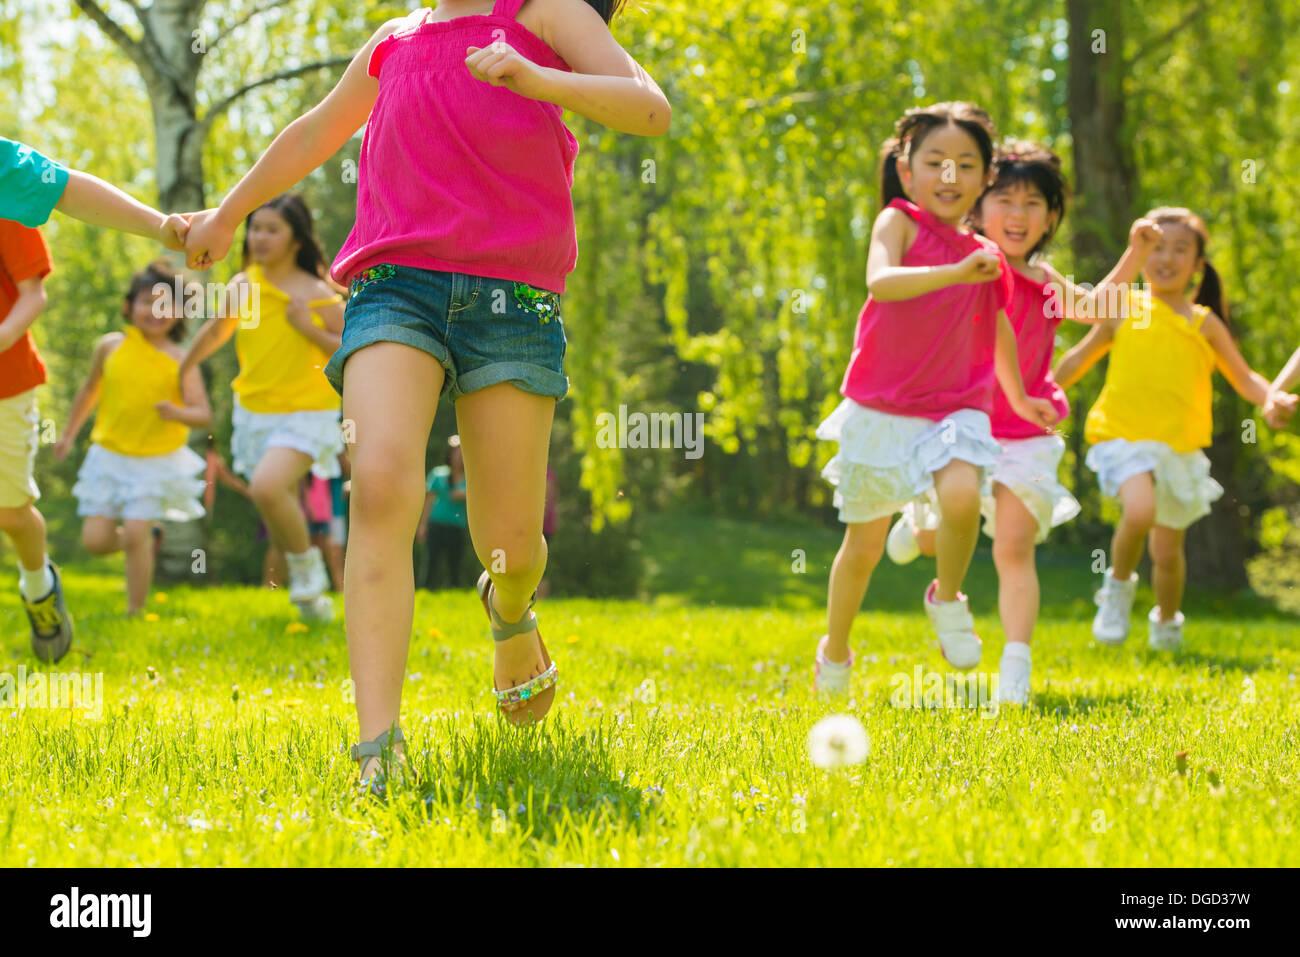 Niños corriendo sobre el césped Imagen De Stock